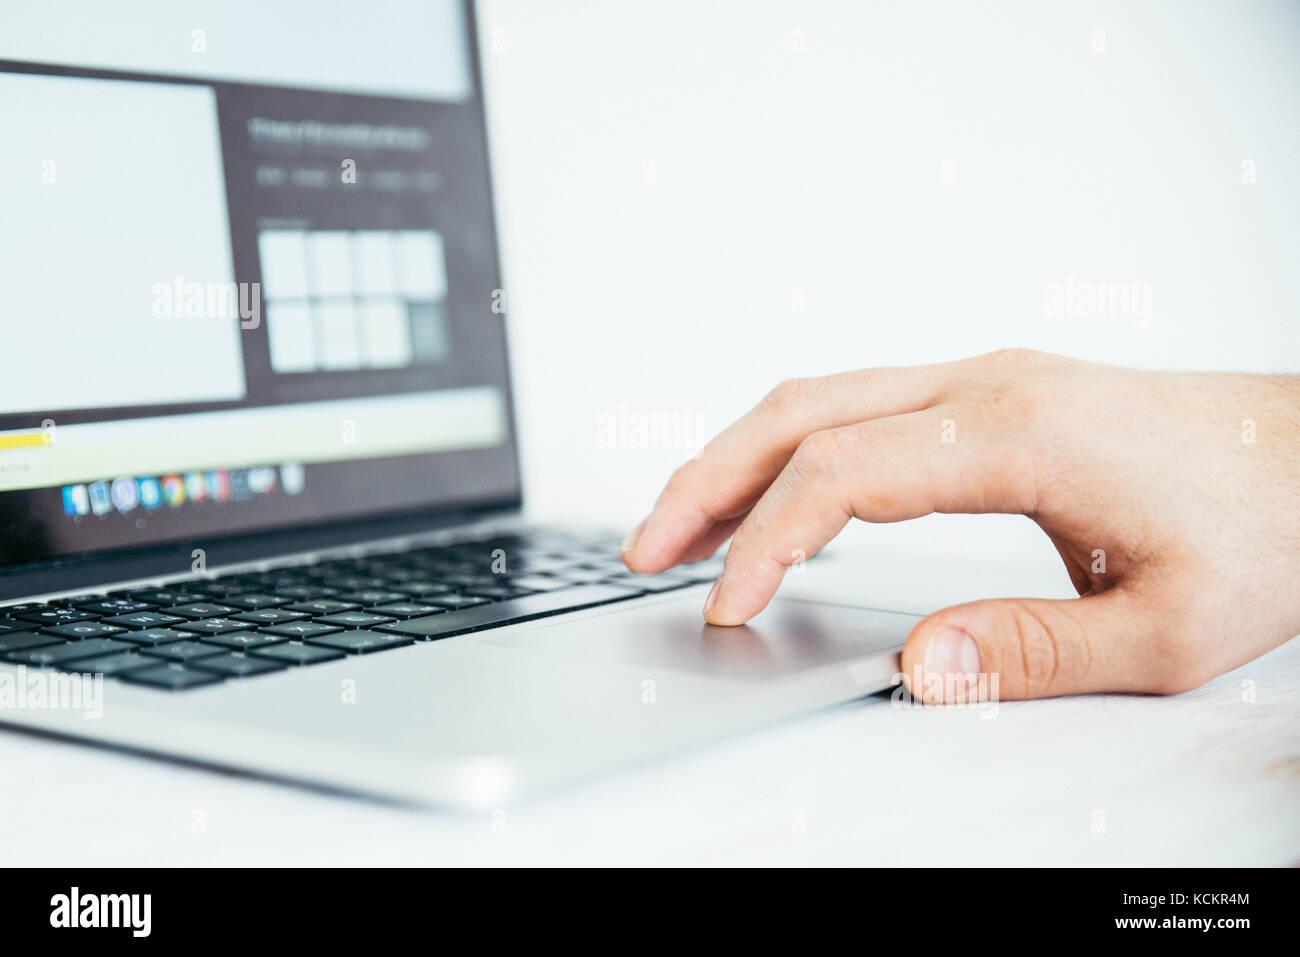 Mano con touchpad del portátil Imagen De Stock